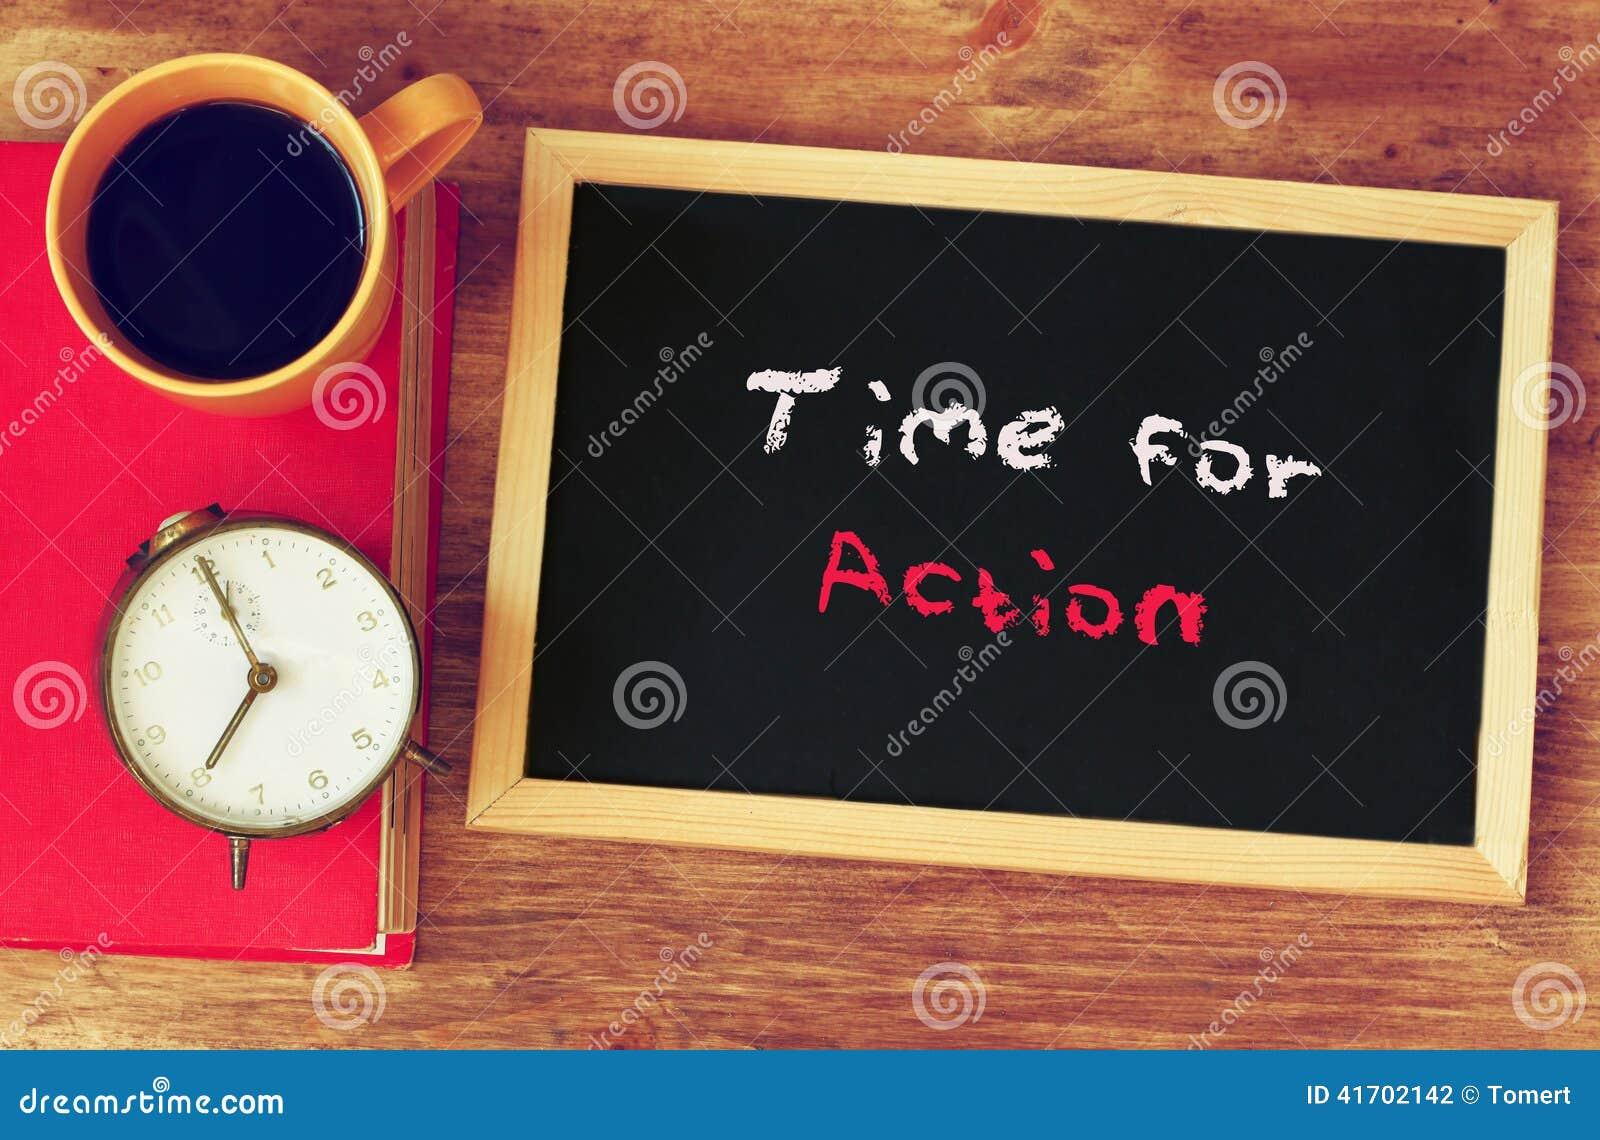 Cronometre Copo De Café E Quadro Negro Com O Momento Da